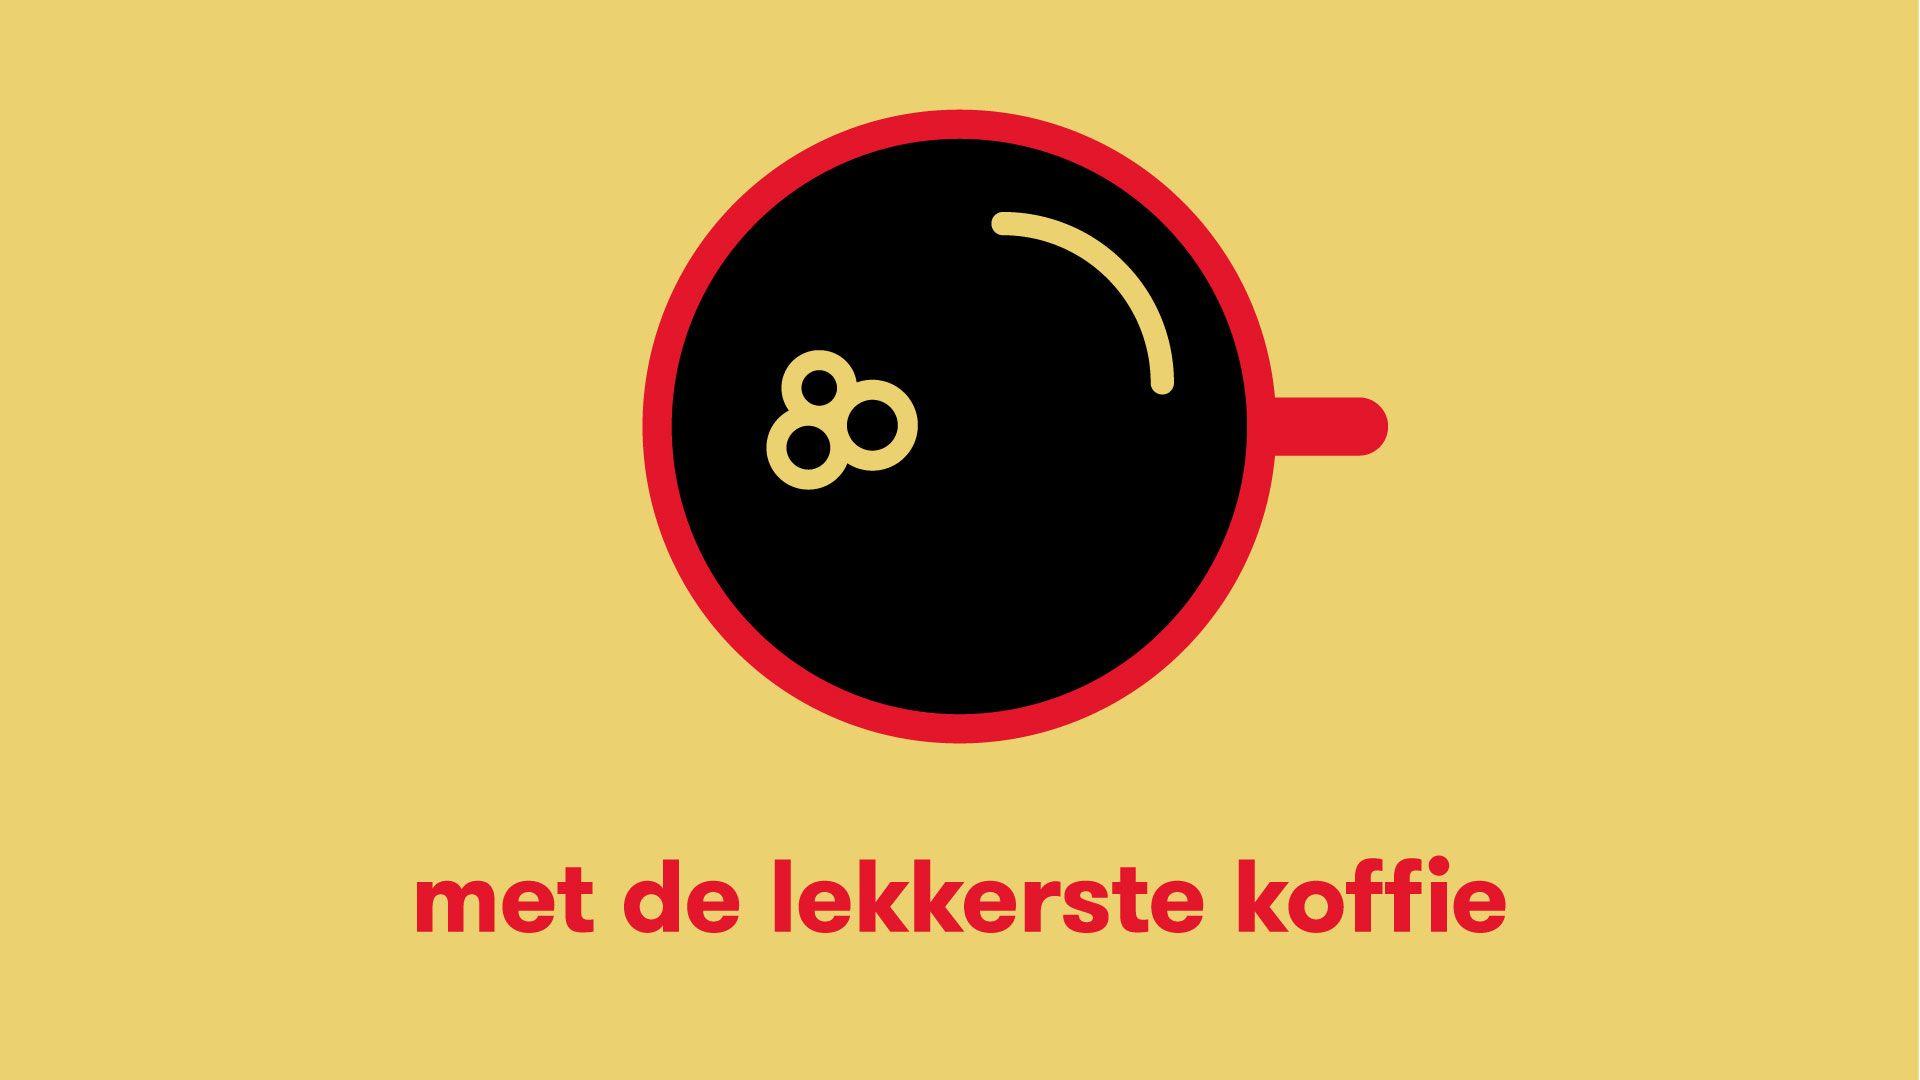 FIlmhuis Den Haag, campagne beeld, Koffie krantje croissantje